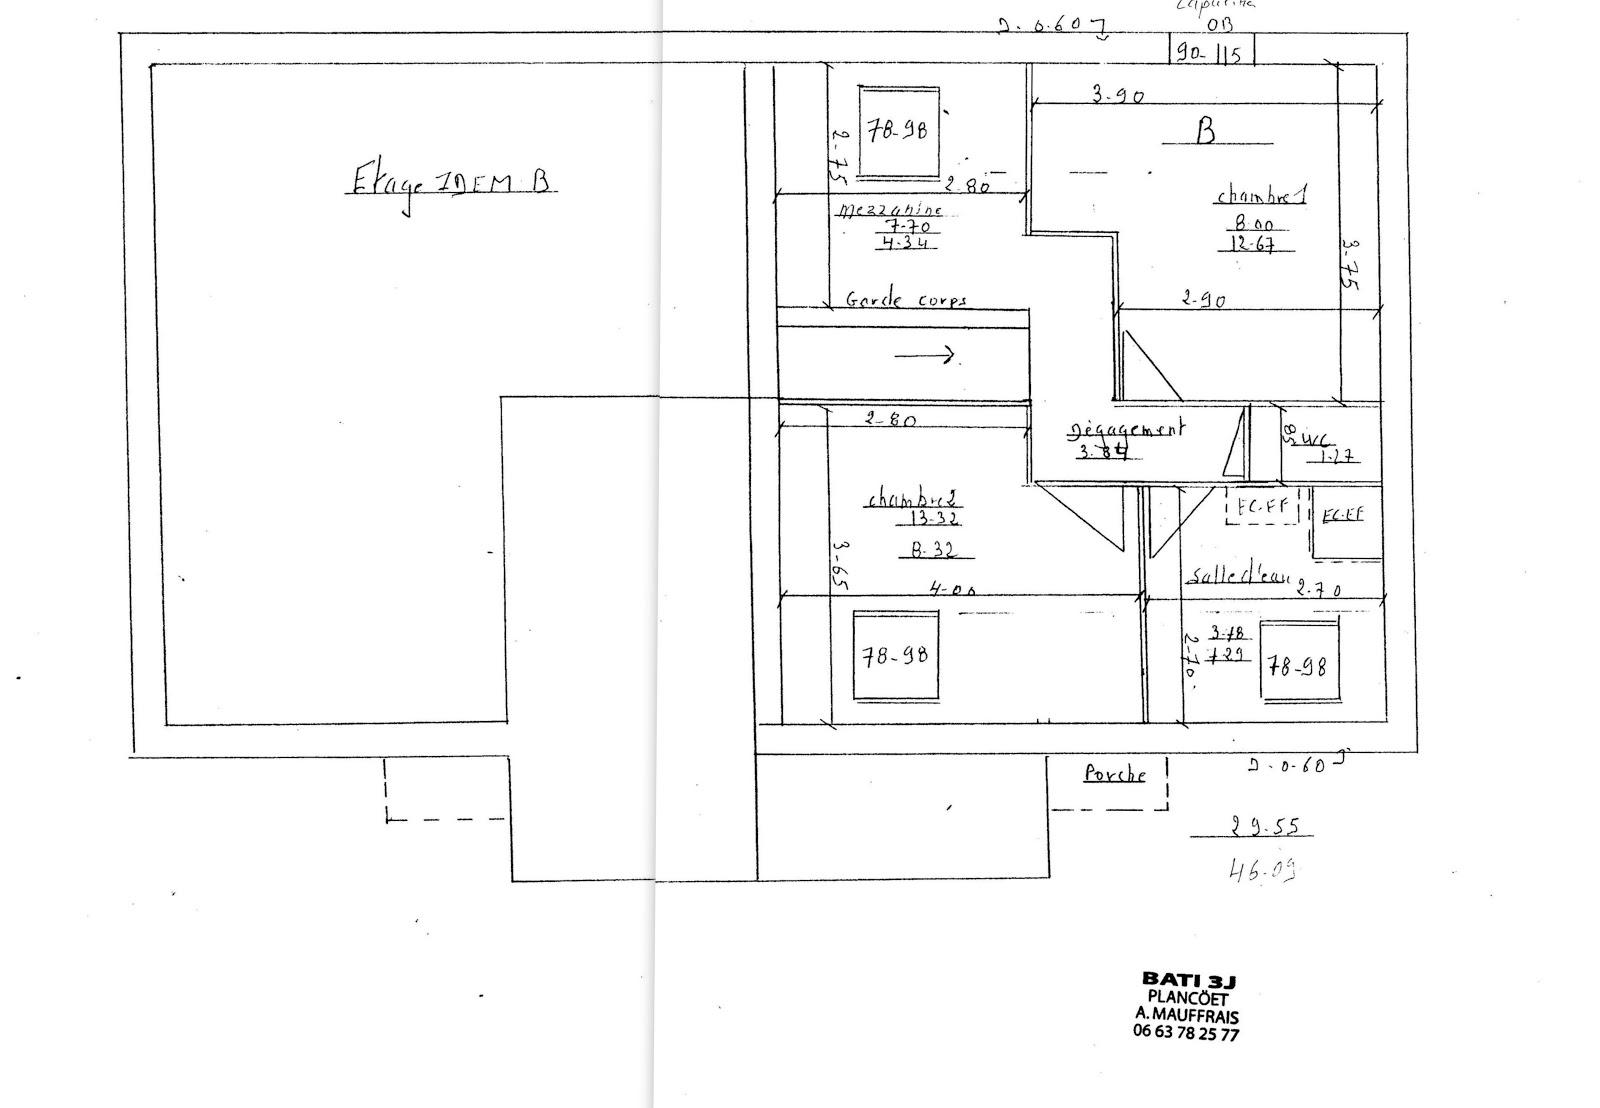 Plan maison pour permis de construire for Demande de permis de construire maison individuelle